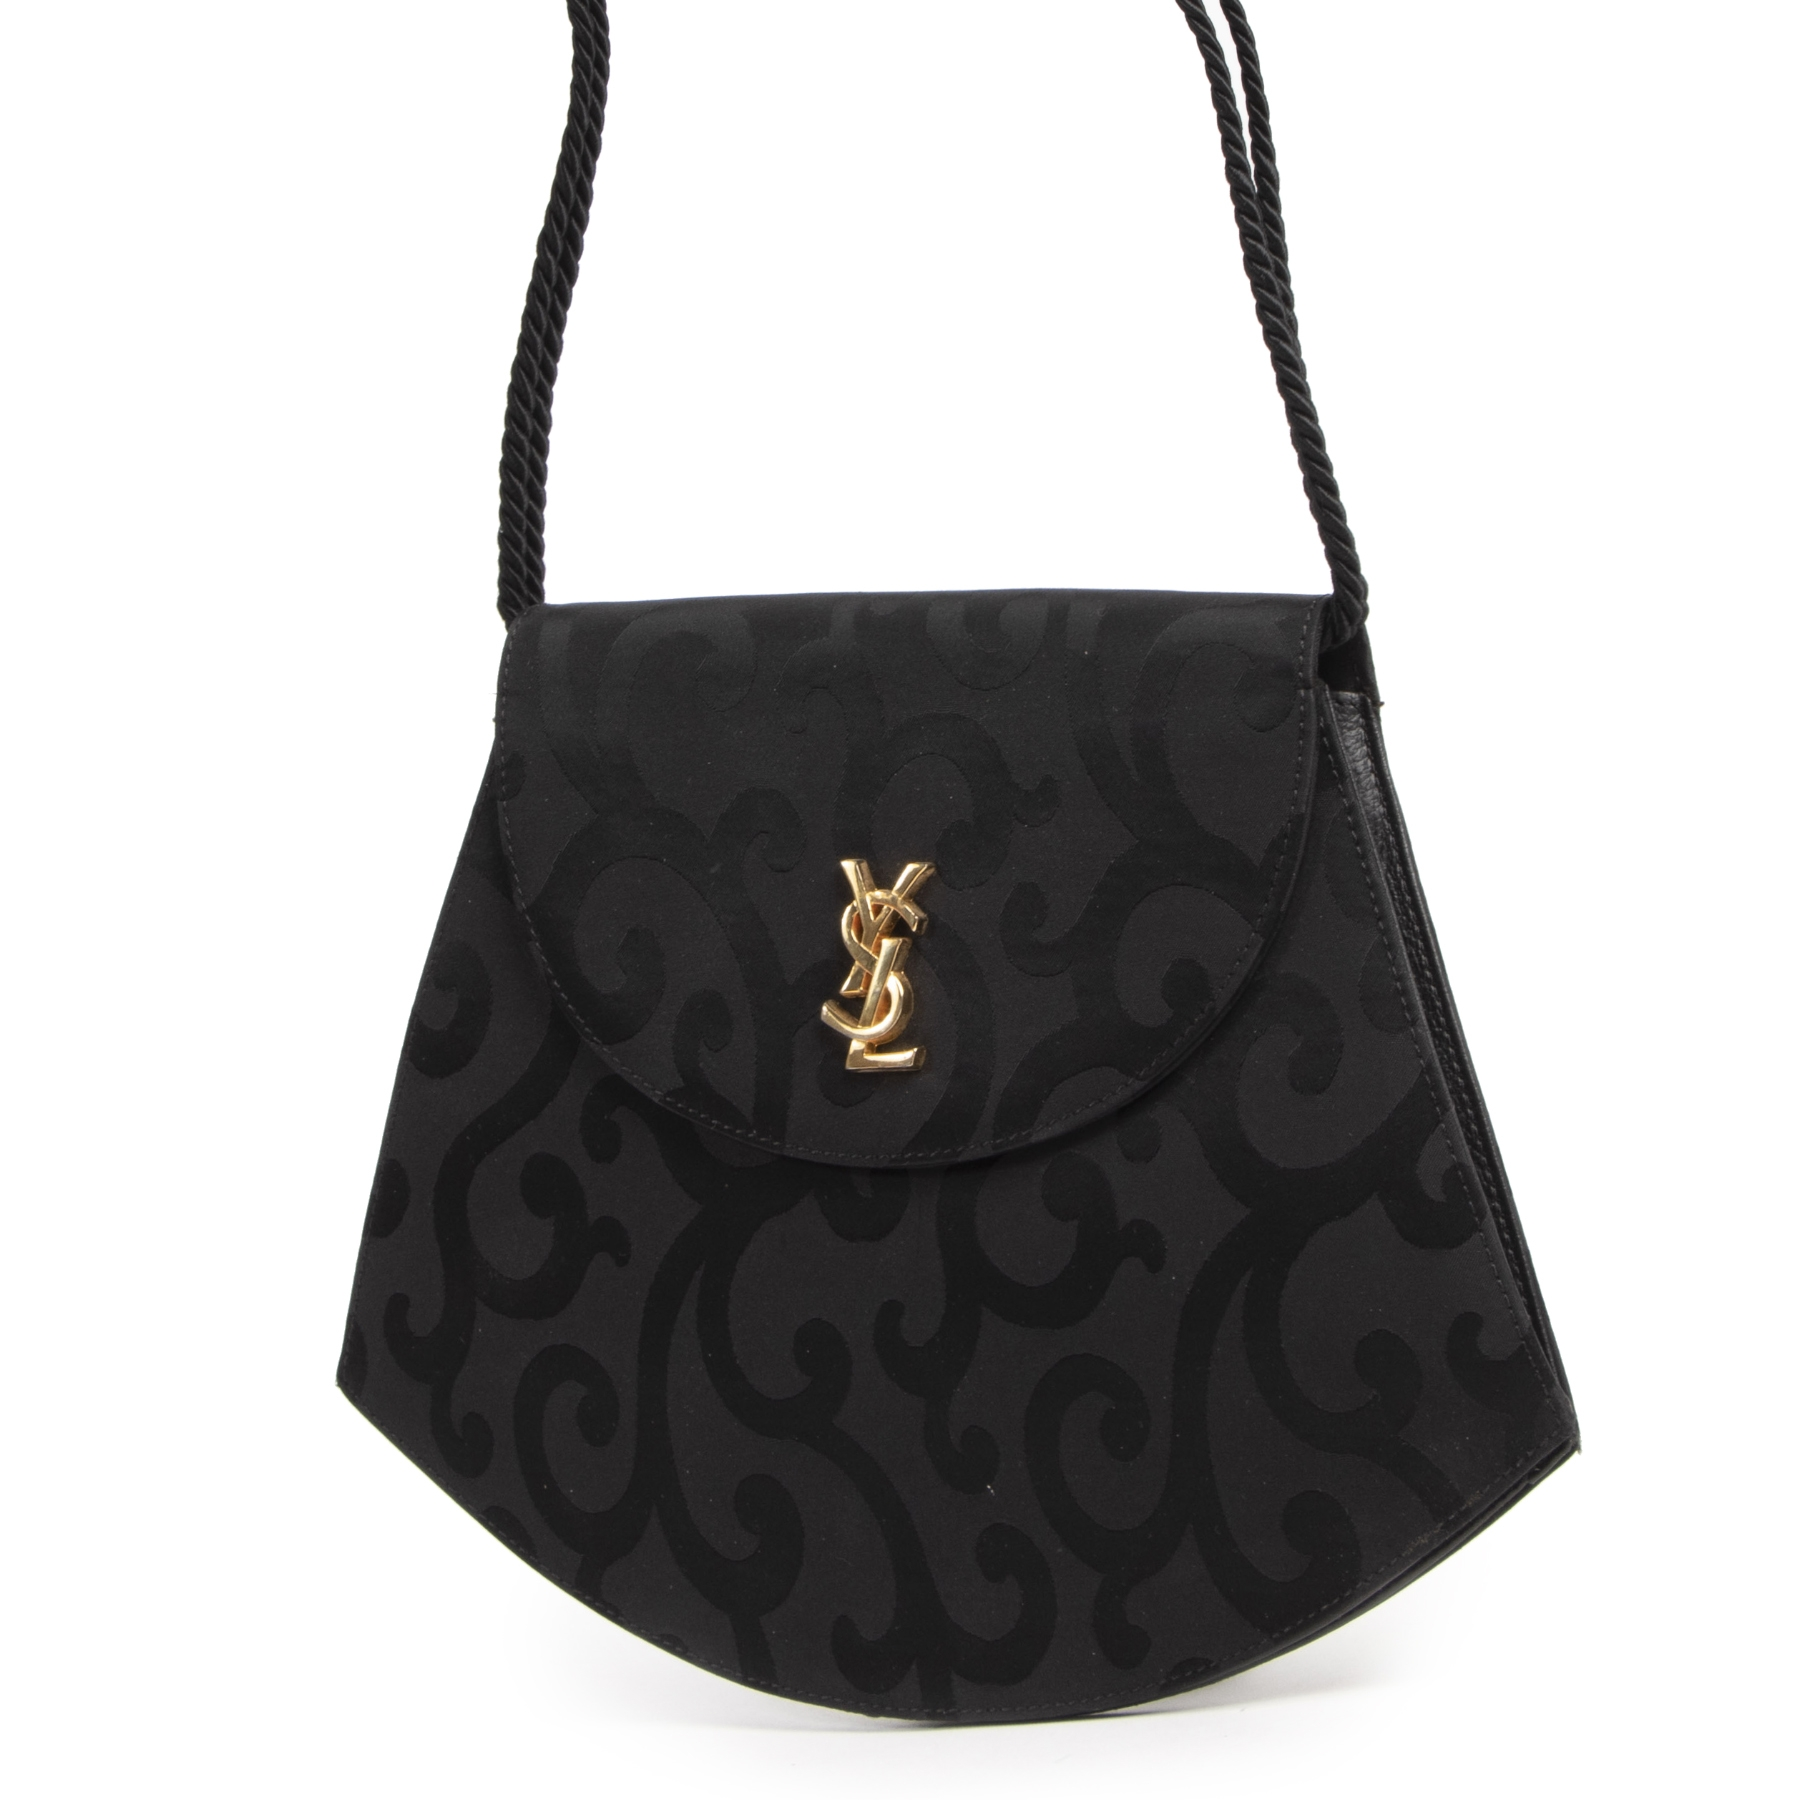 Authentieke Tweedehands Saint Laurent Black Tassle Shoulder Bag juiste prijs veilig online shoppen luxe merken webshop winkelen Antwerpen België mode fashion